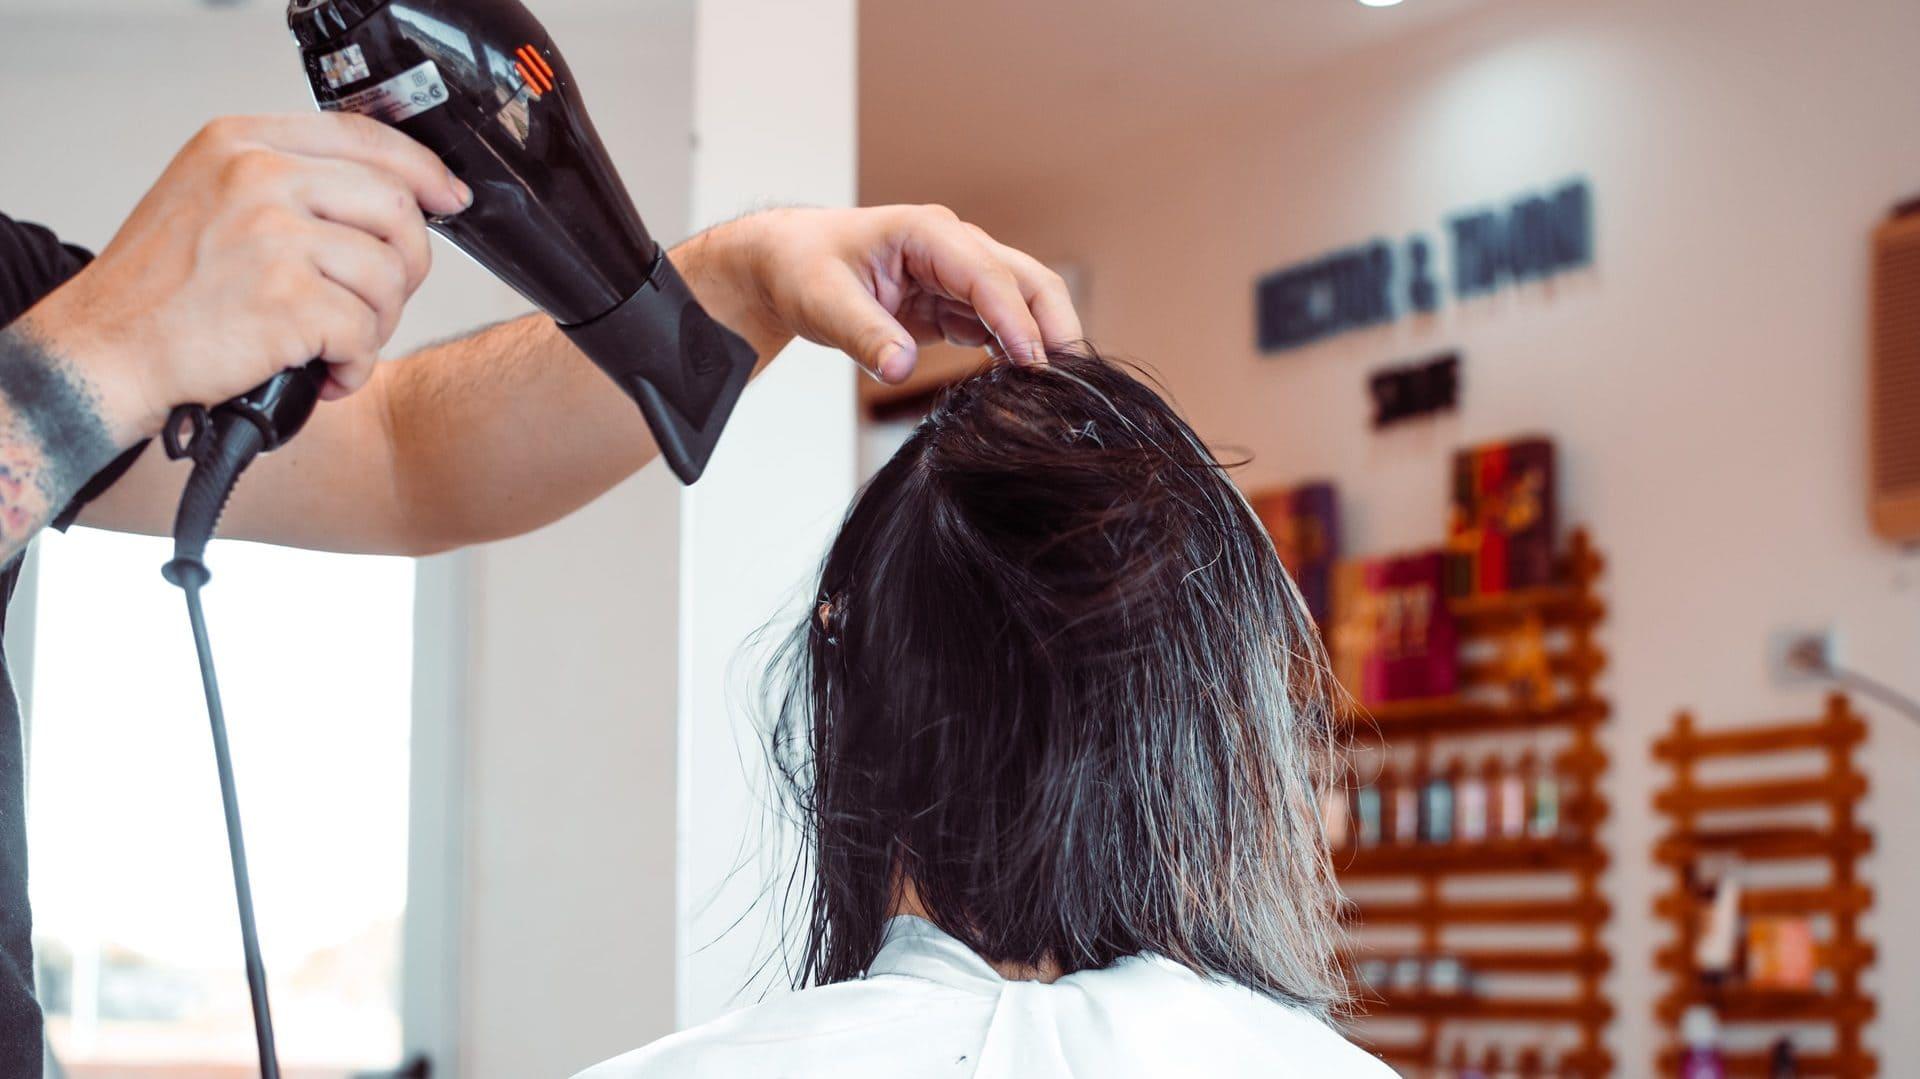 Bij de kapper, vrouw met donker haar, föhn. Achterzijde.